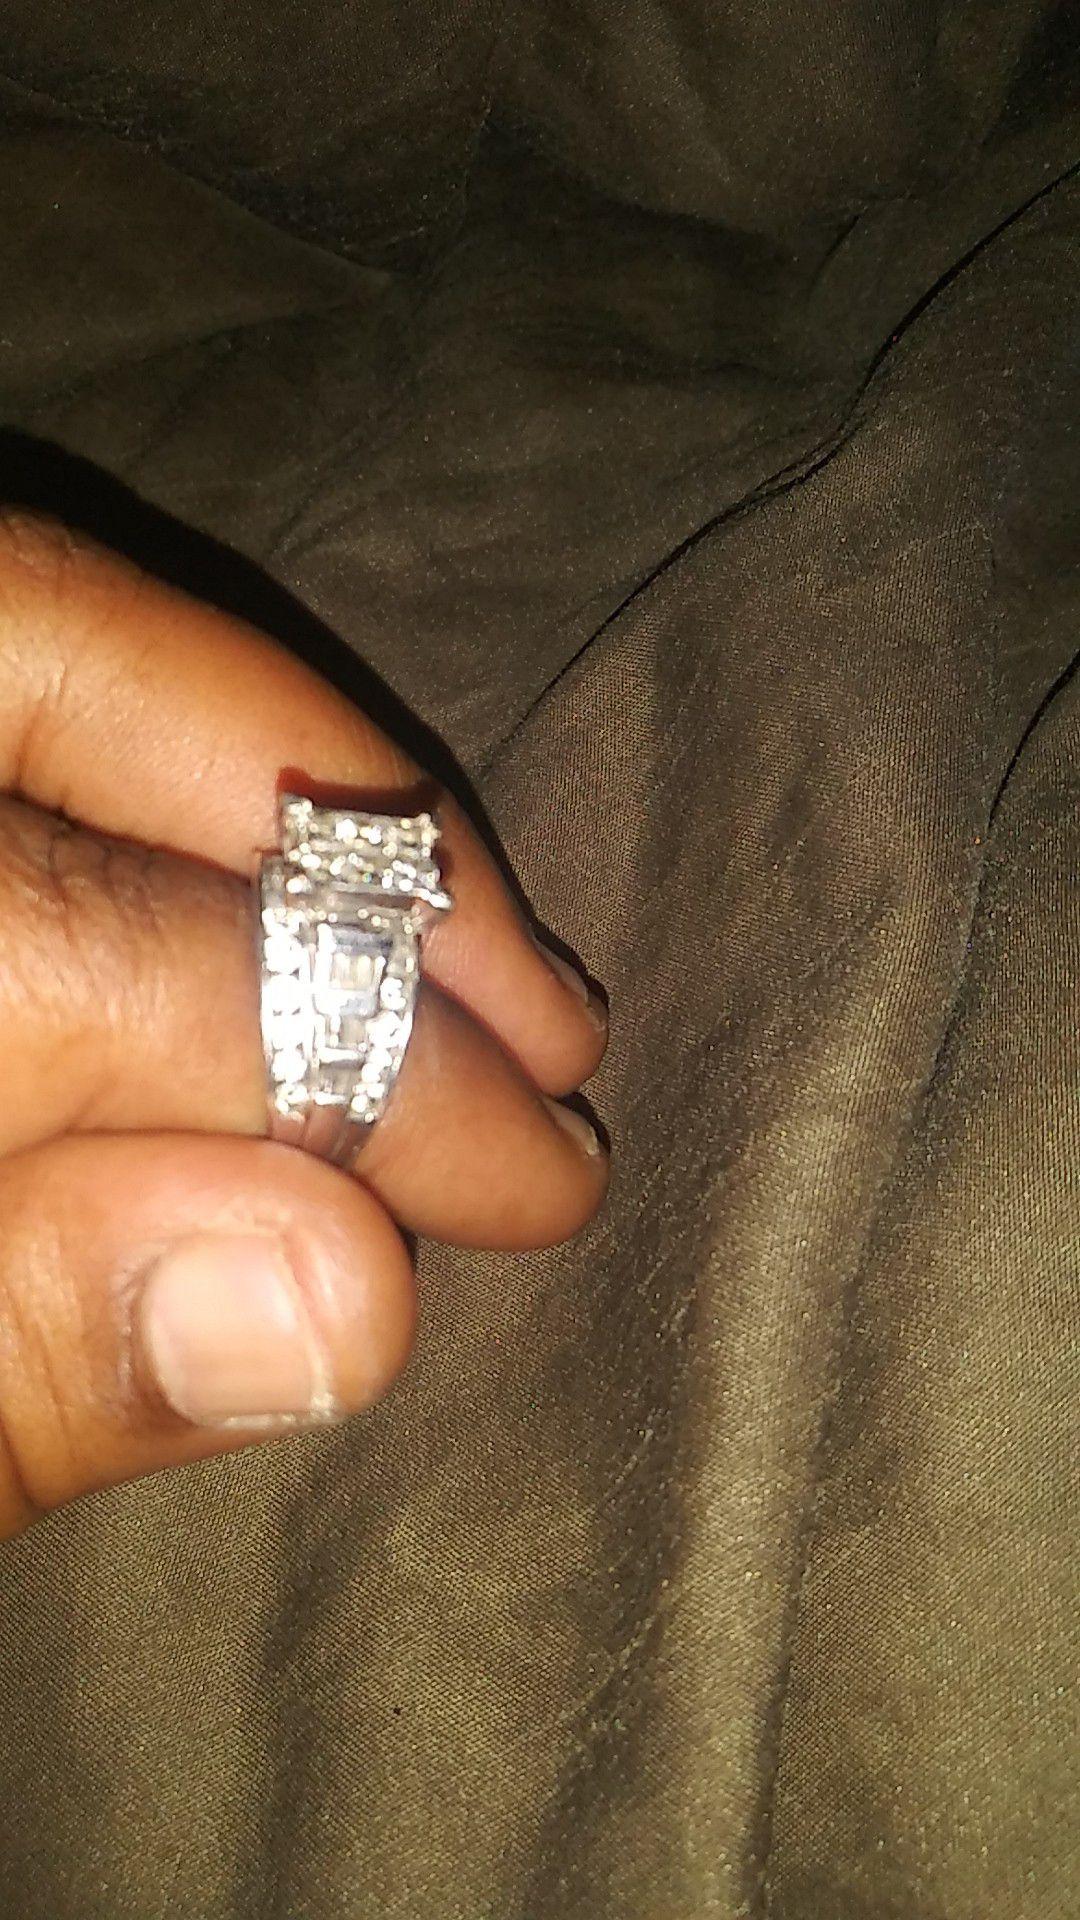 Engagement/wedding ring size (10)